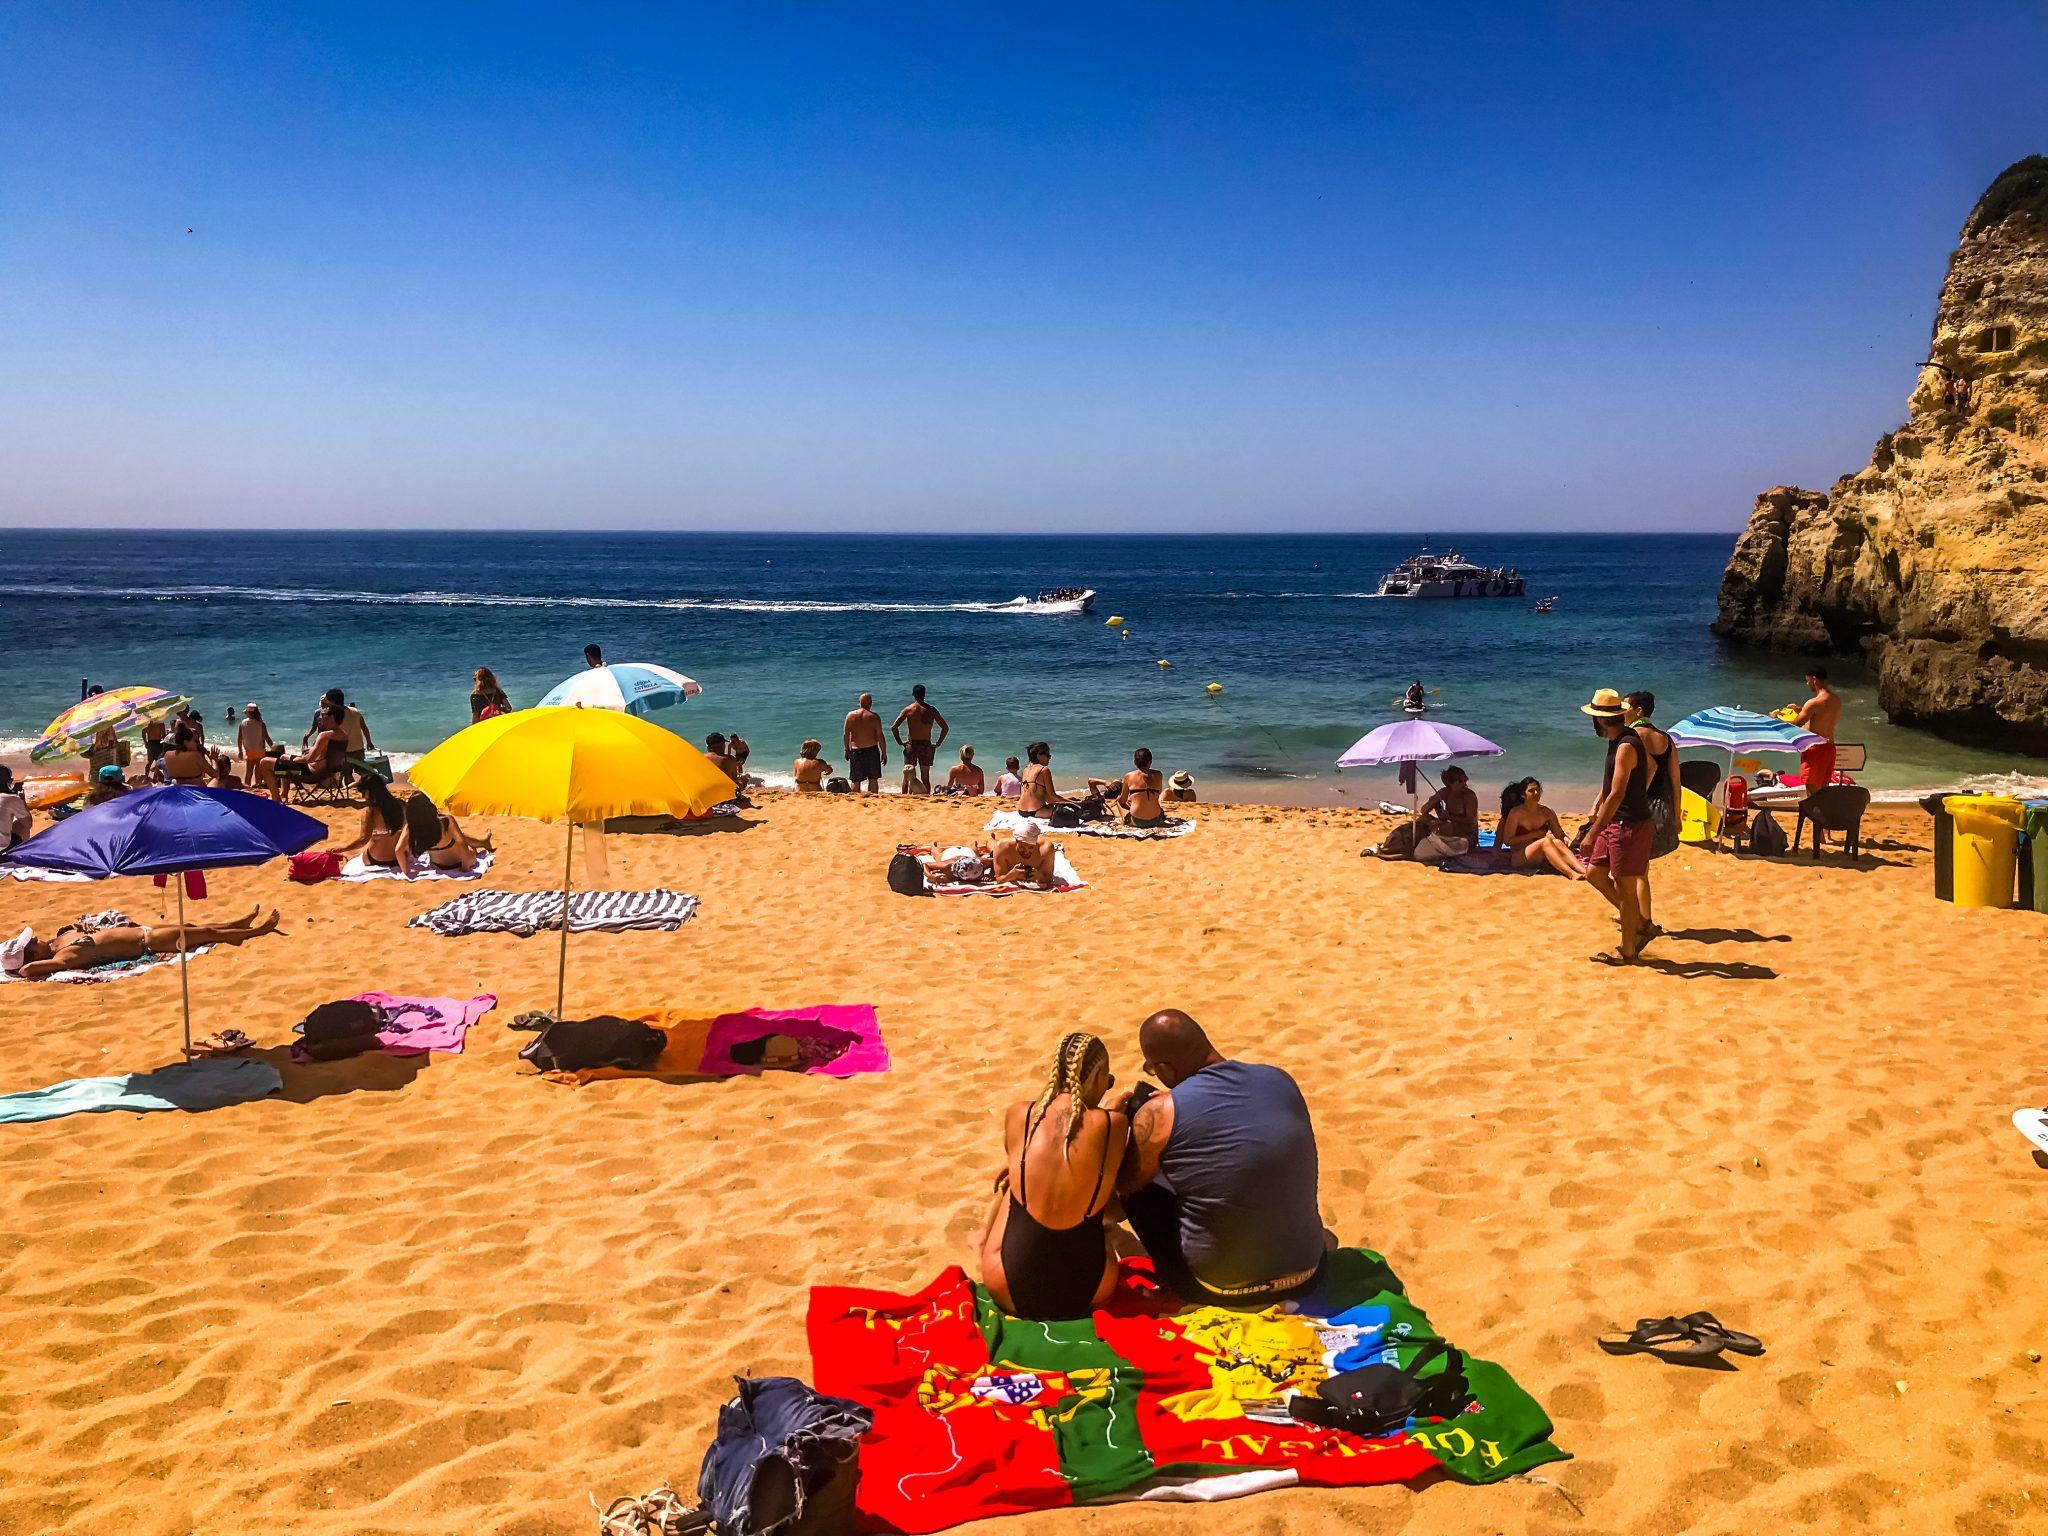 """Viele besuchen den Strandabschnitt (leider) """"nur"""" zum Baden. Du solltest jedoch nicht nur faul herumliegen, sondern auch die wunderschöne Gegend erkunden."""